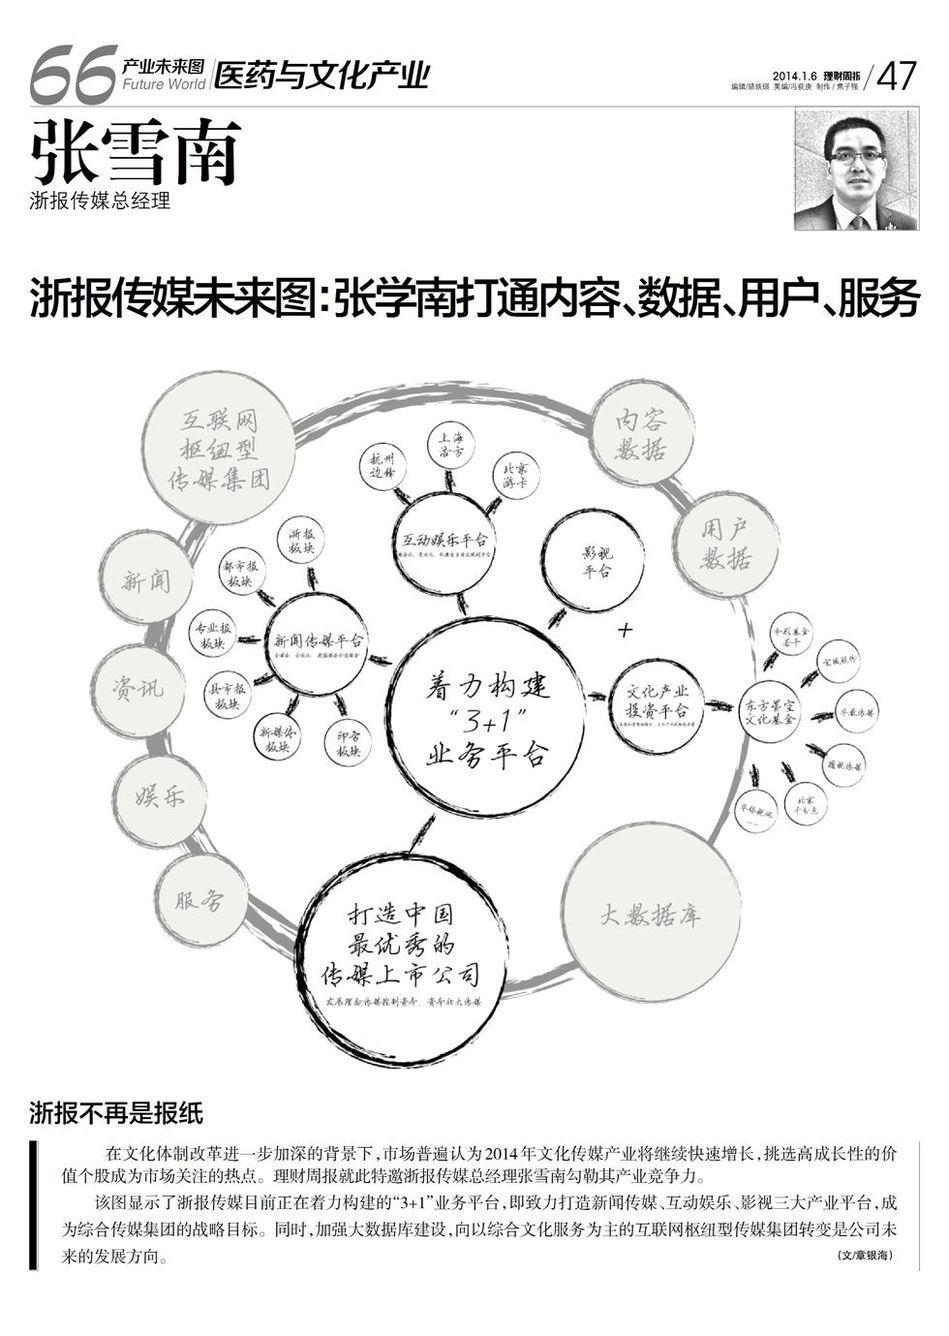 马云马明哲等大佬手绘53张图:看懂未来十年中国产业